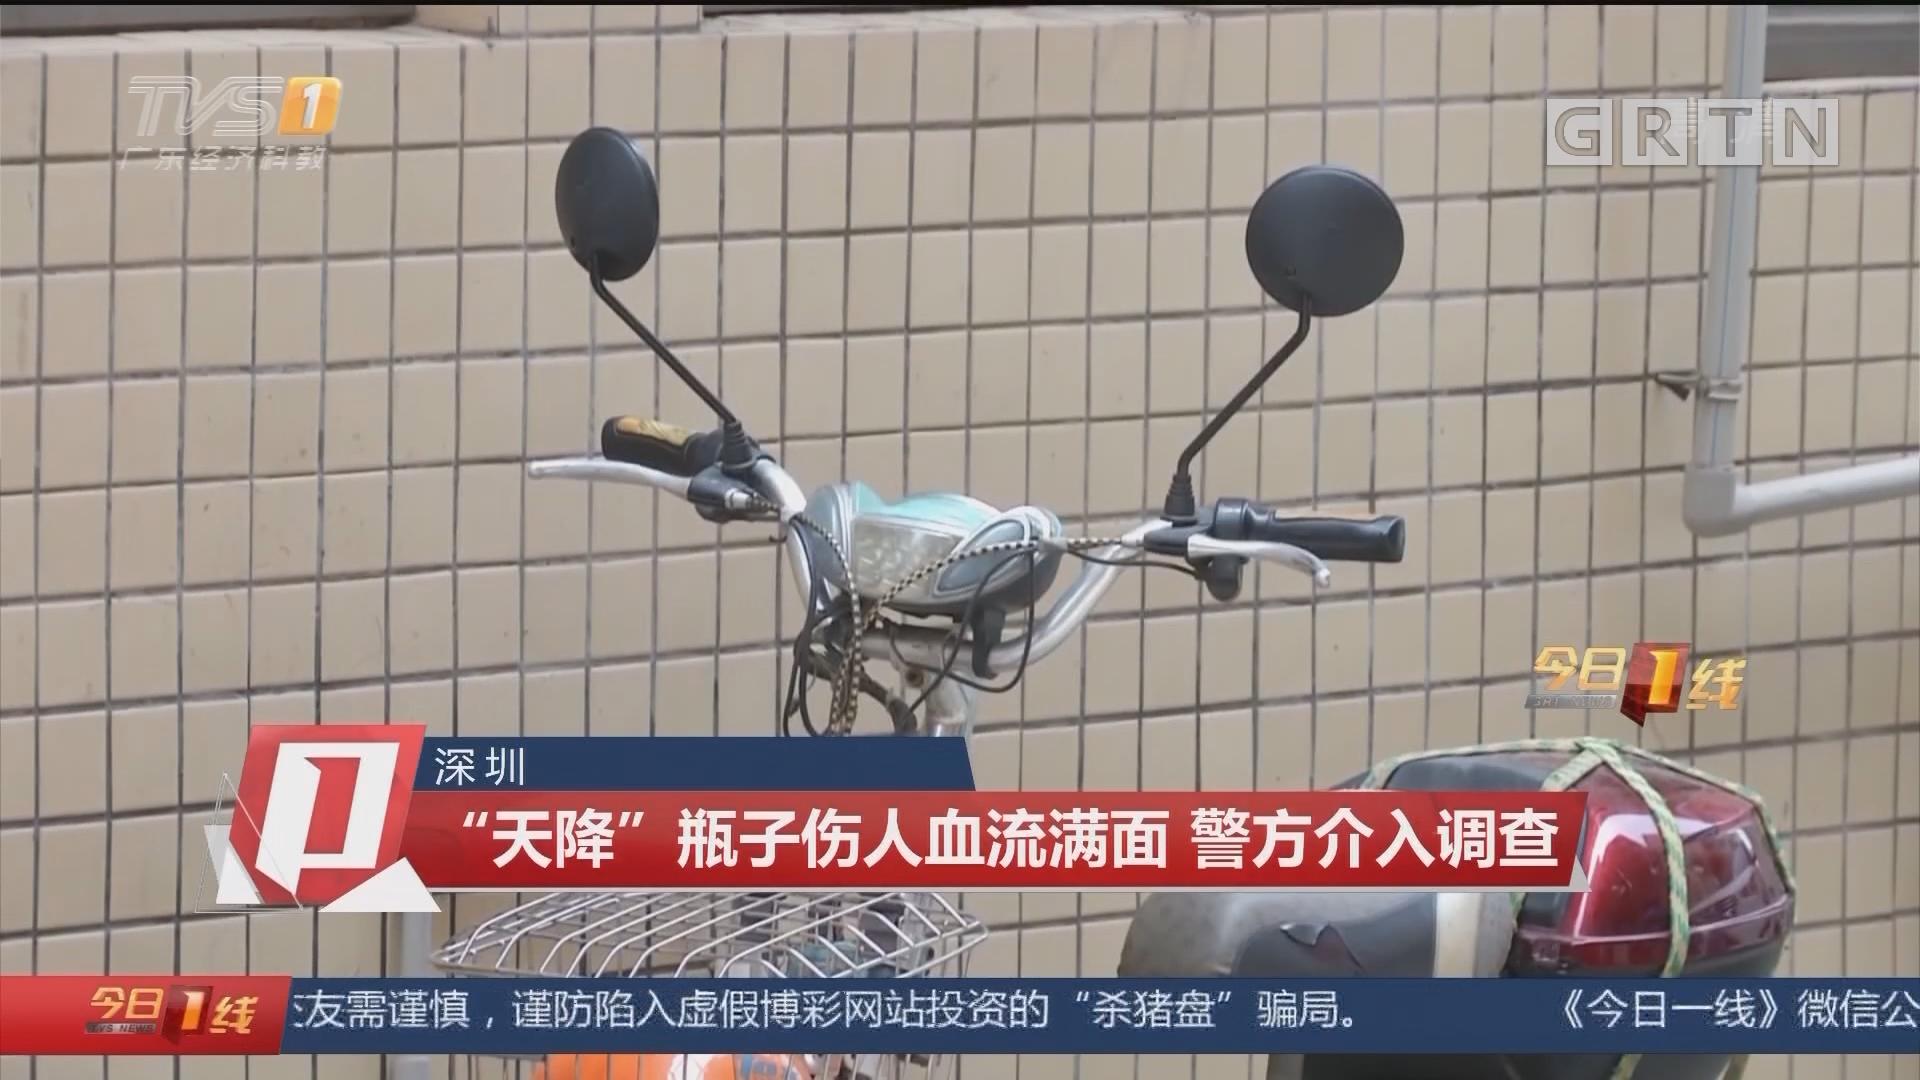 """深圳 """"天降""""瓶子伤人血流满面 警方介入调查"""